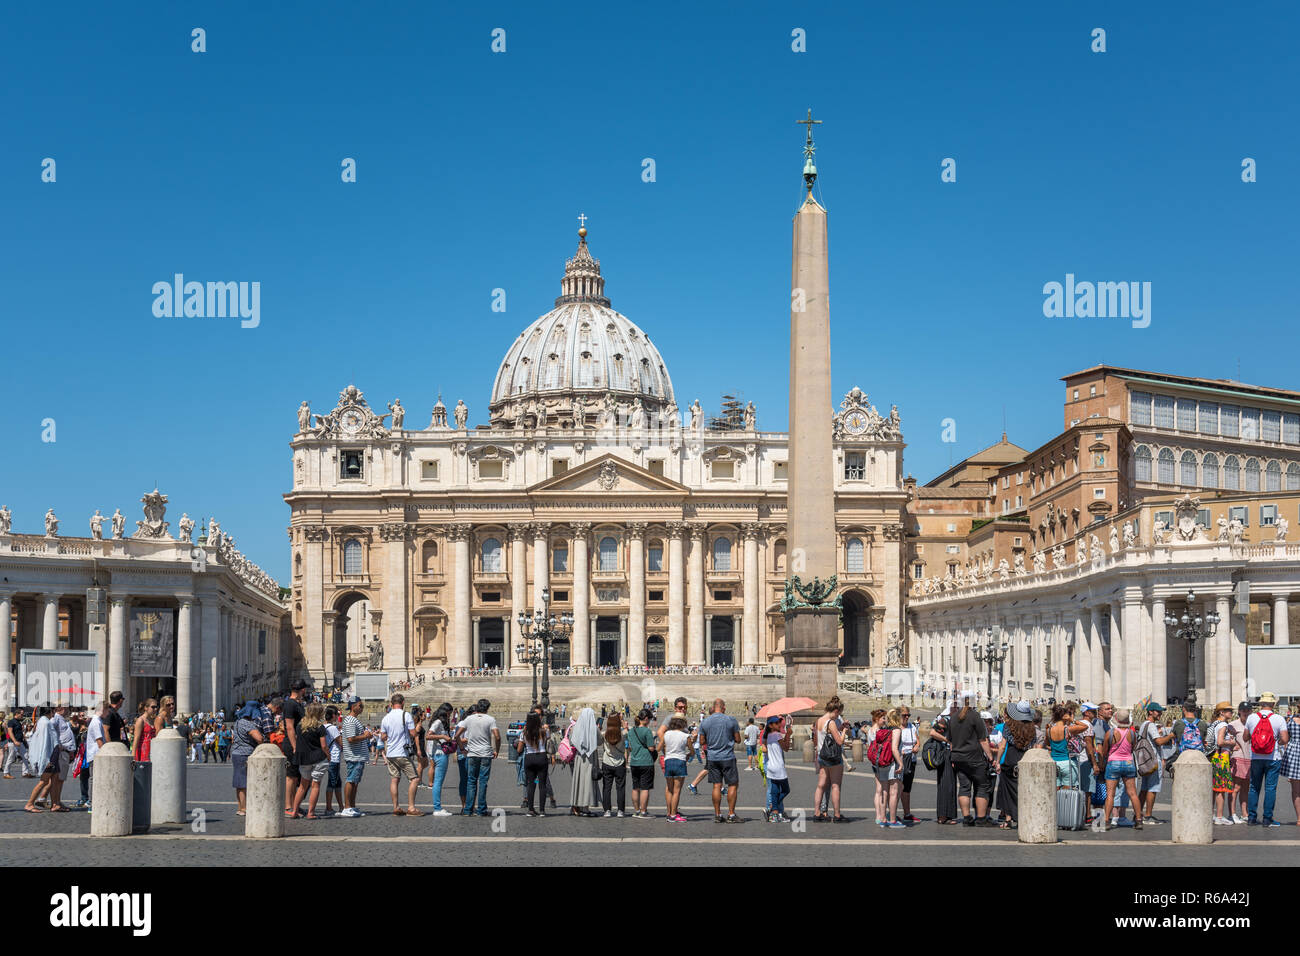 La Basilique St Pierre & longue file de touristes, Cité du Vatican, Rome, Italie Photo Stock